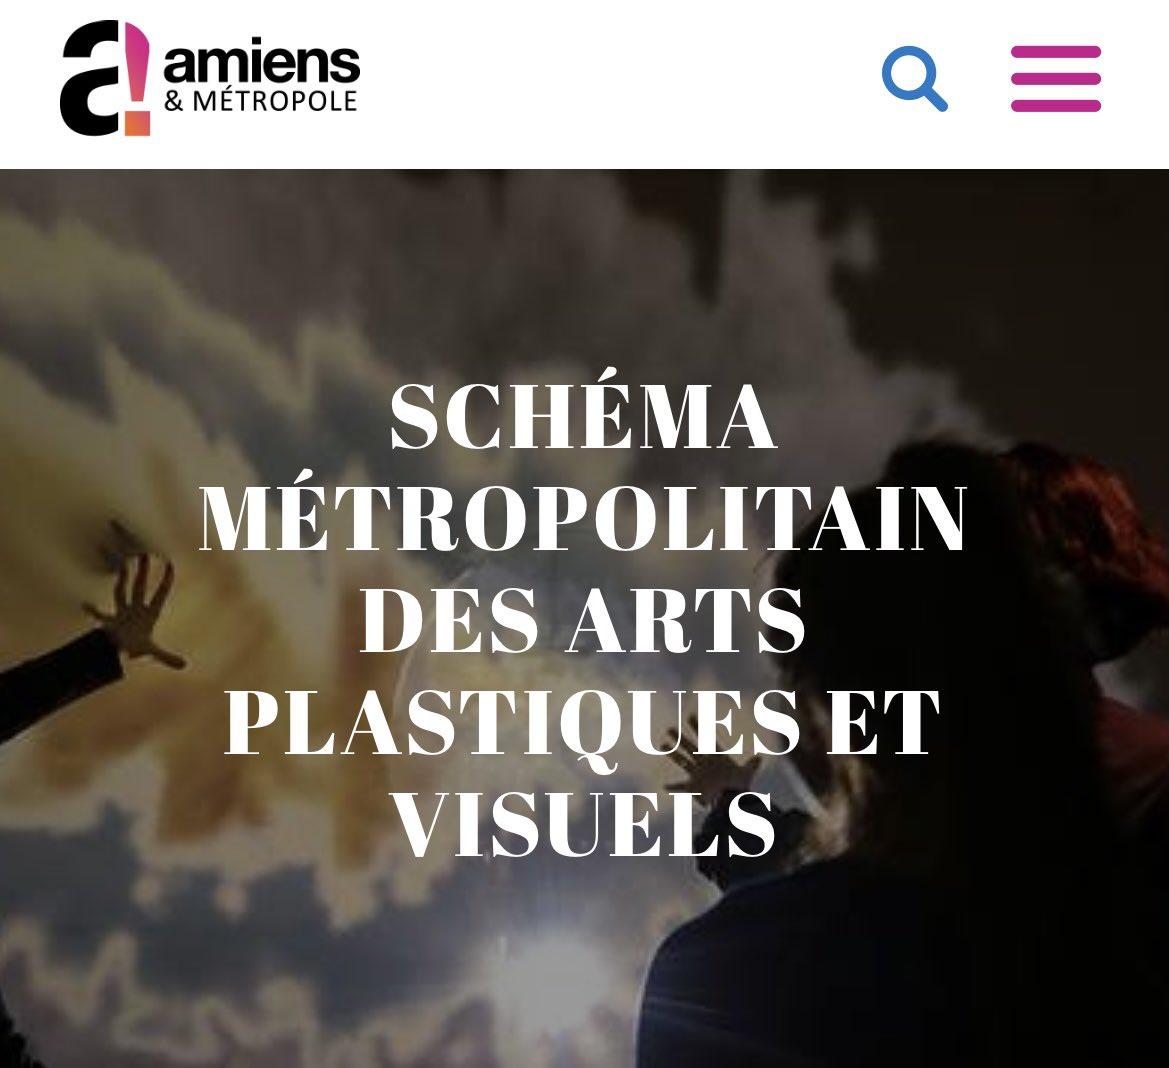 Schéma Métropolitain des Arts Plastiques et Visuels : premiers ateliers collectifs